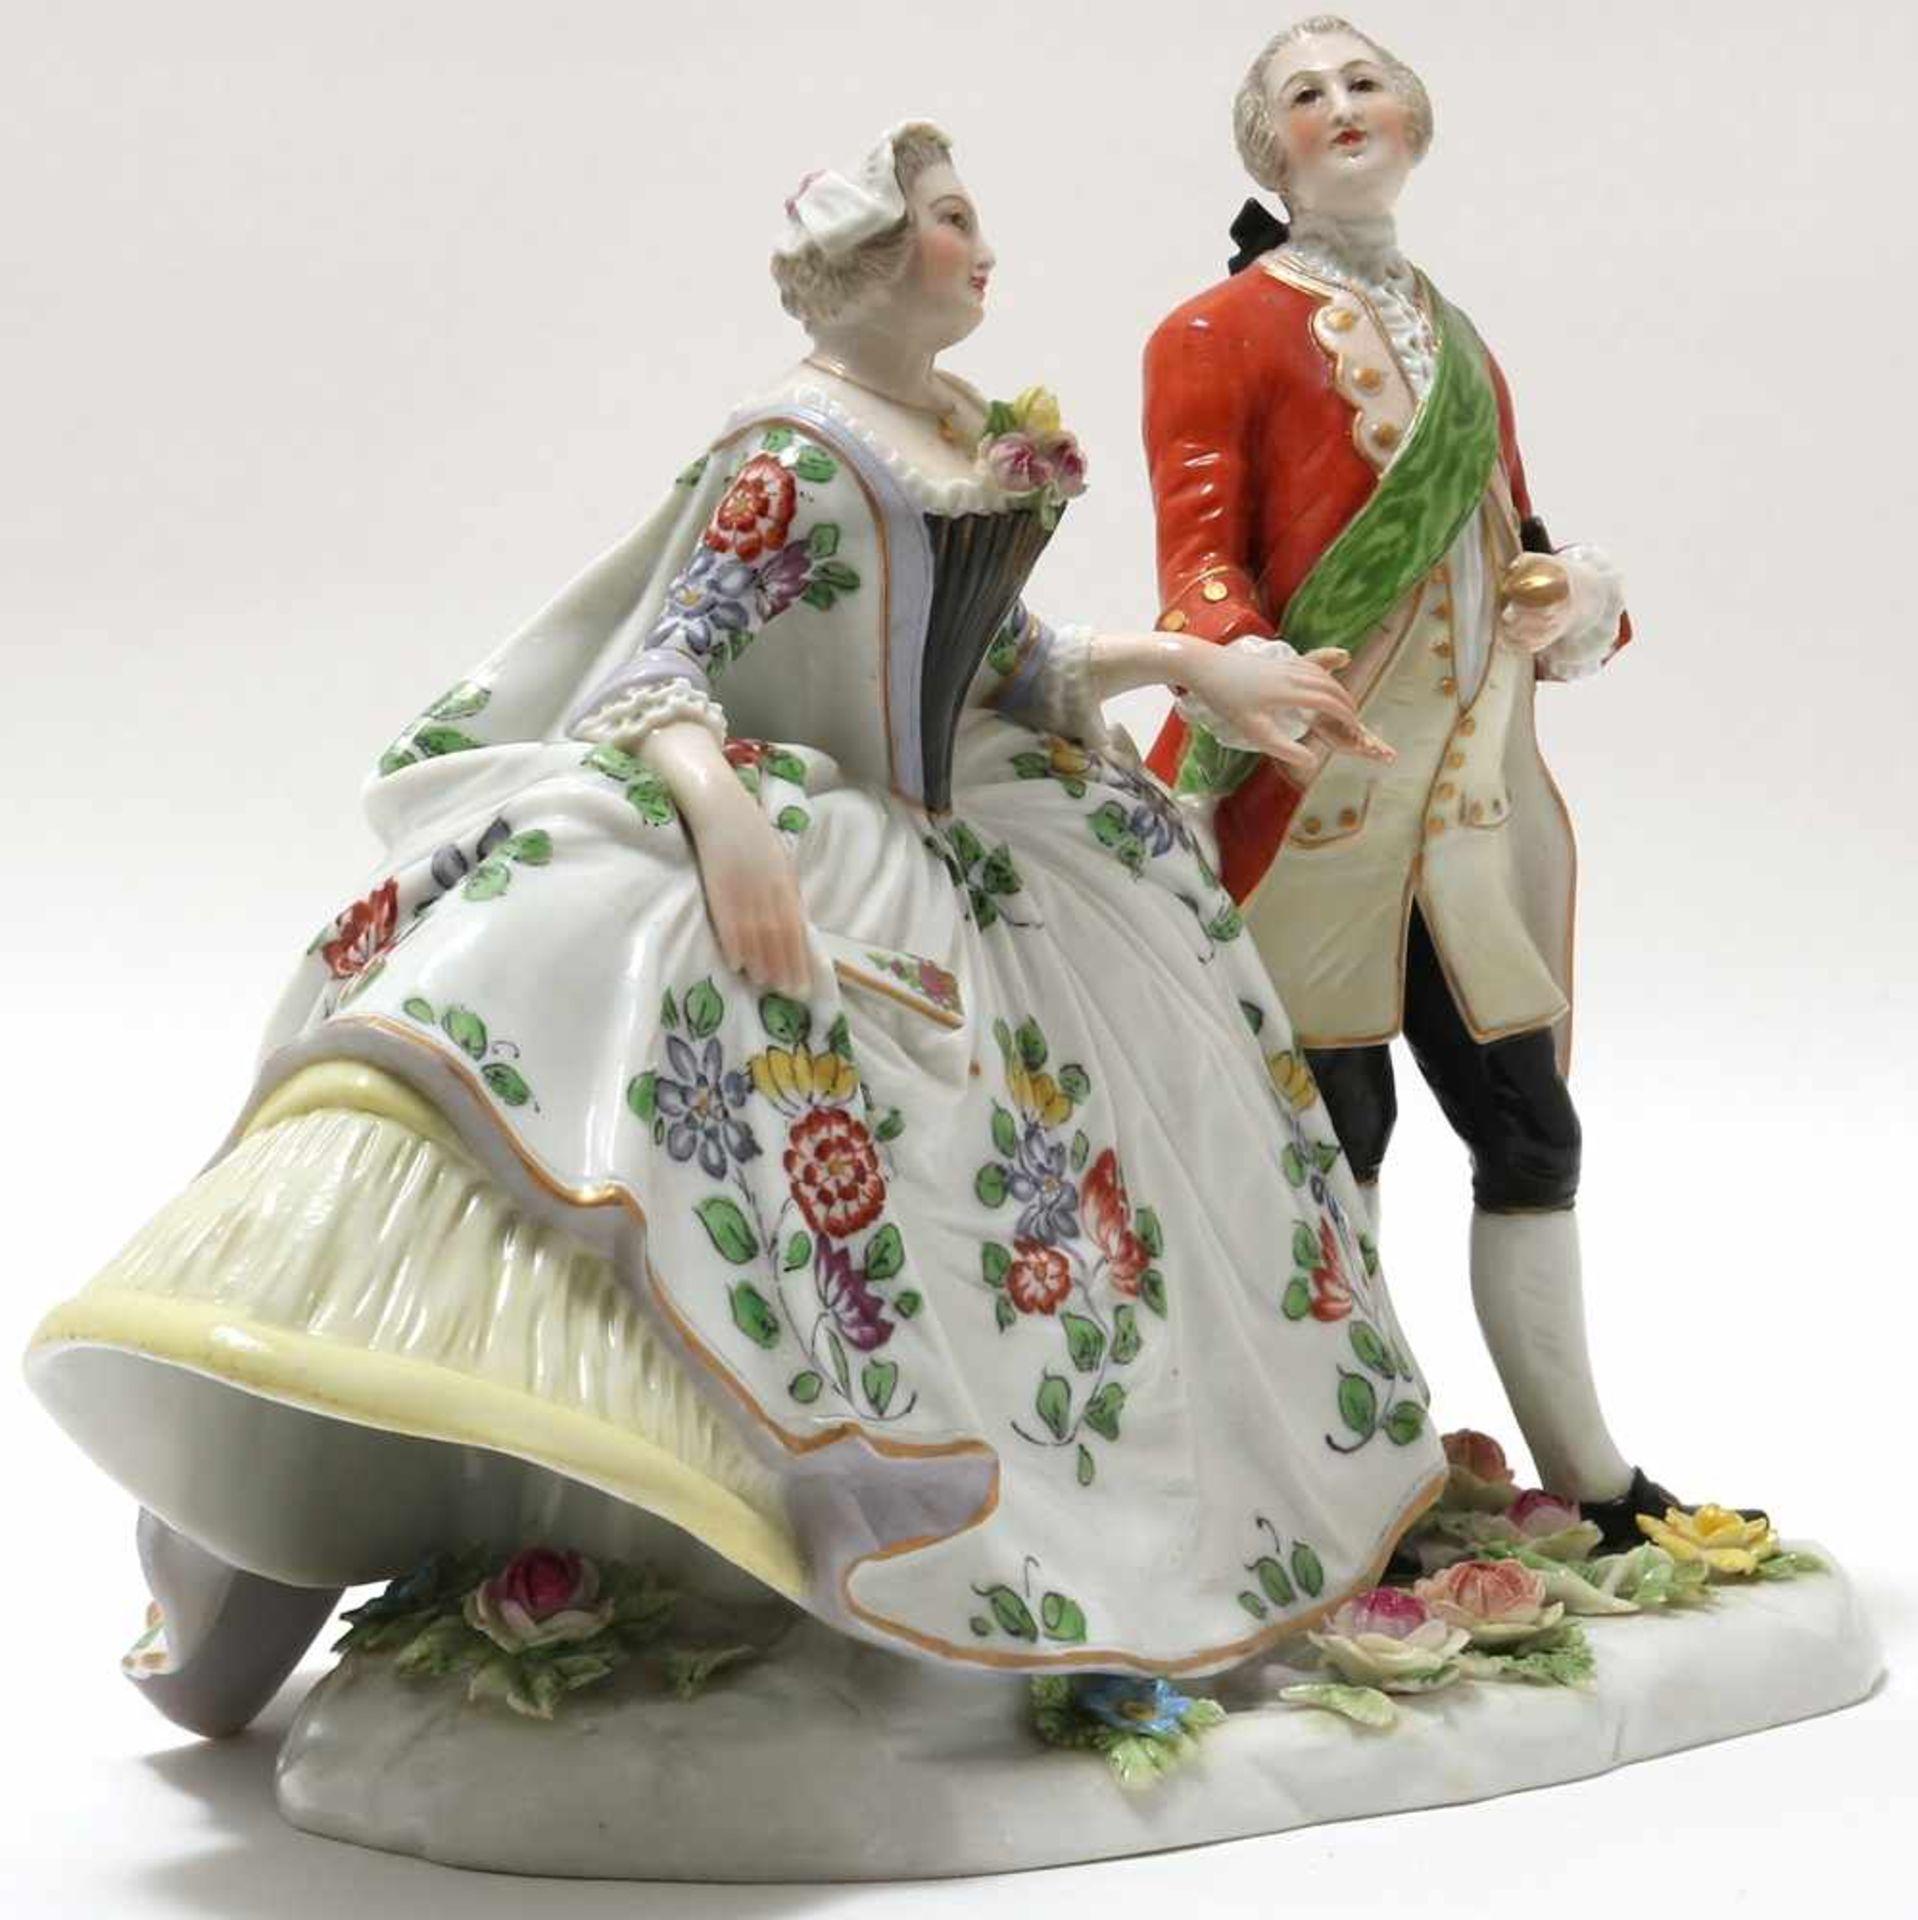 FigurengruppeFrankenthal 18. Jh. Kavalier mit Dame im Krinolinenrock. Porzellan mit aufbossierten - Bild 2 aus 10